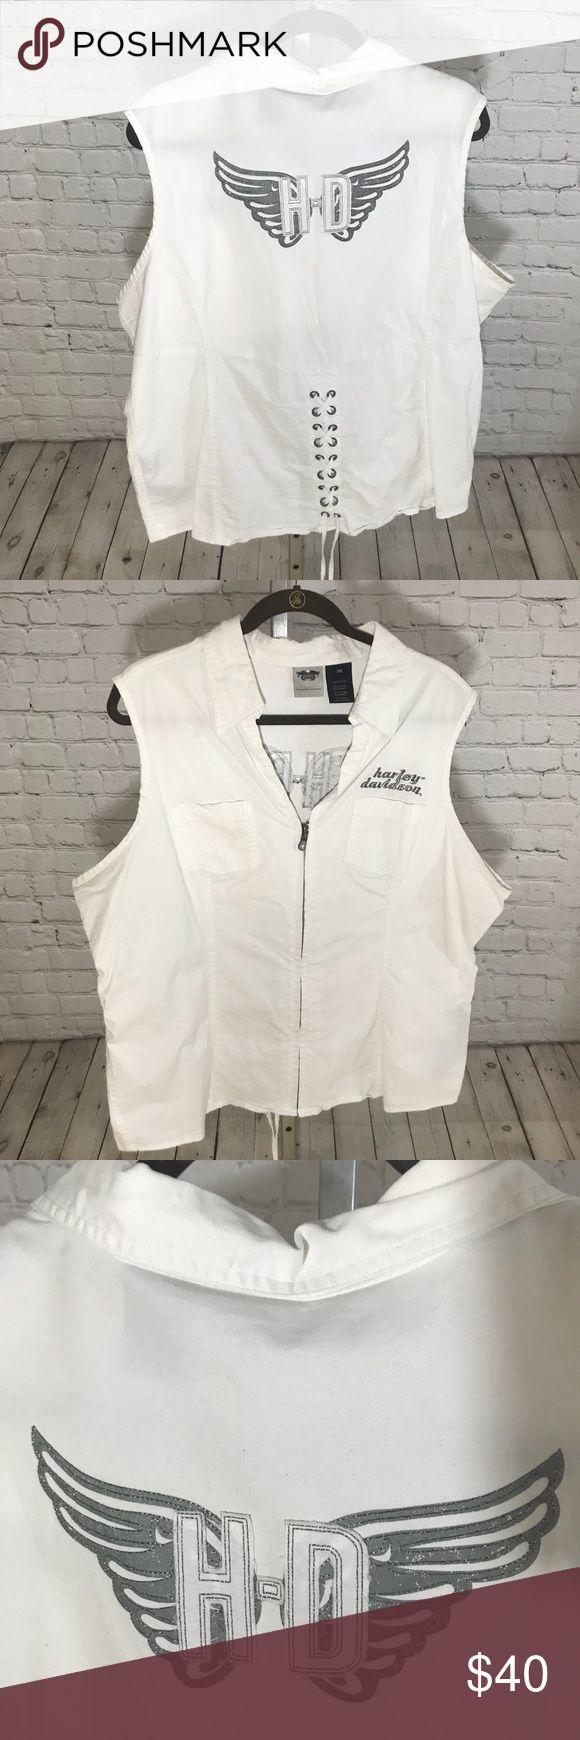 Harley Davidson Vest Great white HD Vest! Silver embroidered emblem on back! Size 2W. Harley-Davidson Tops